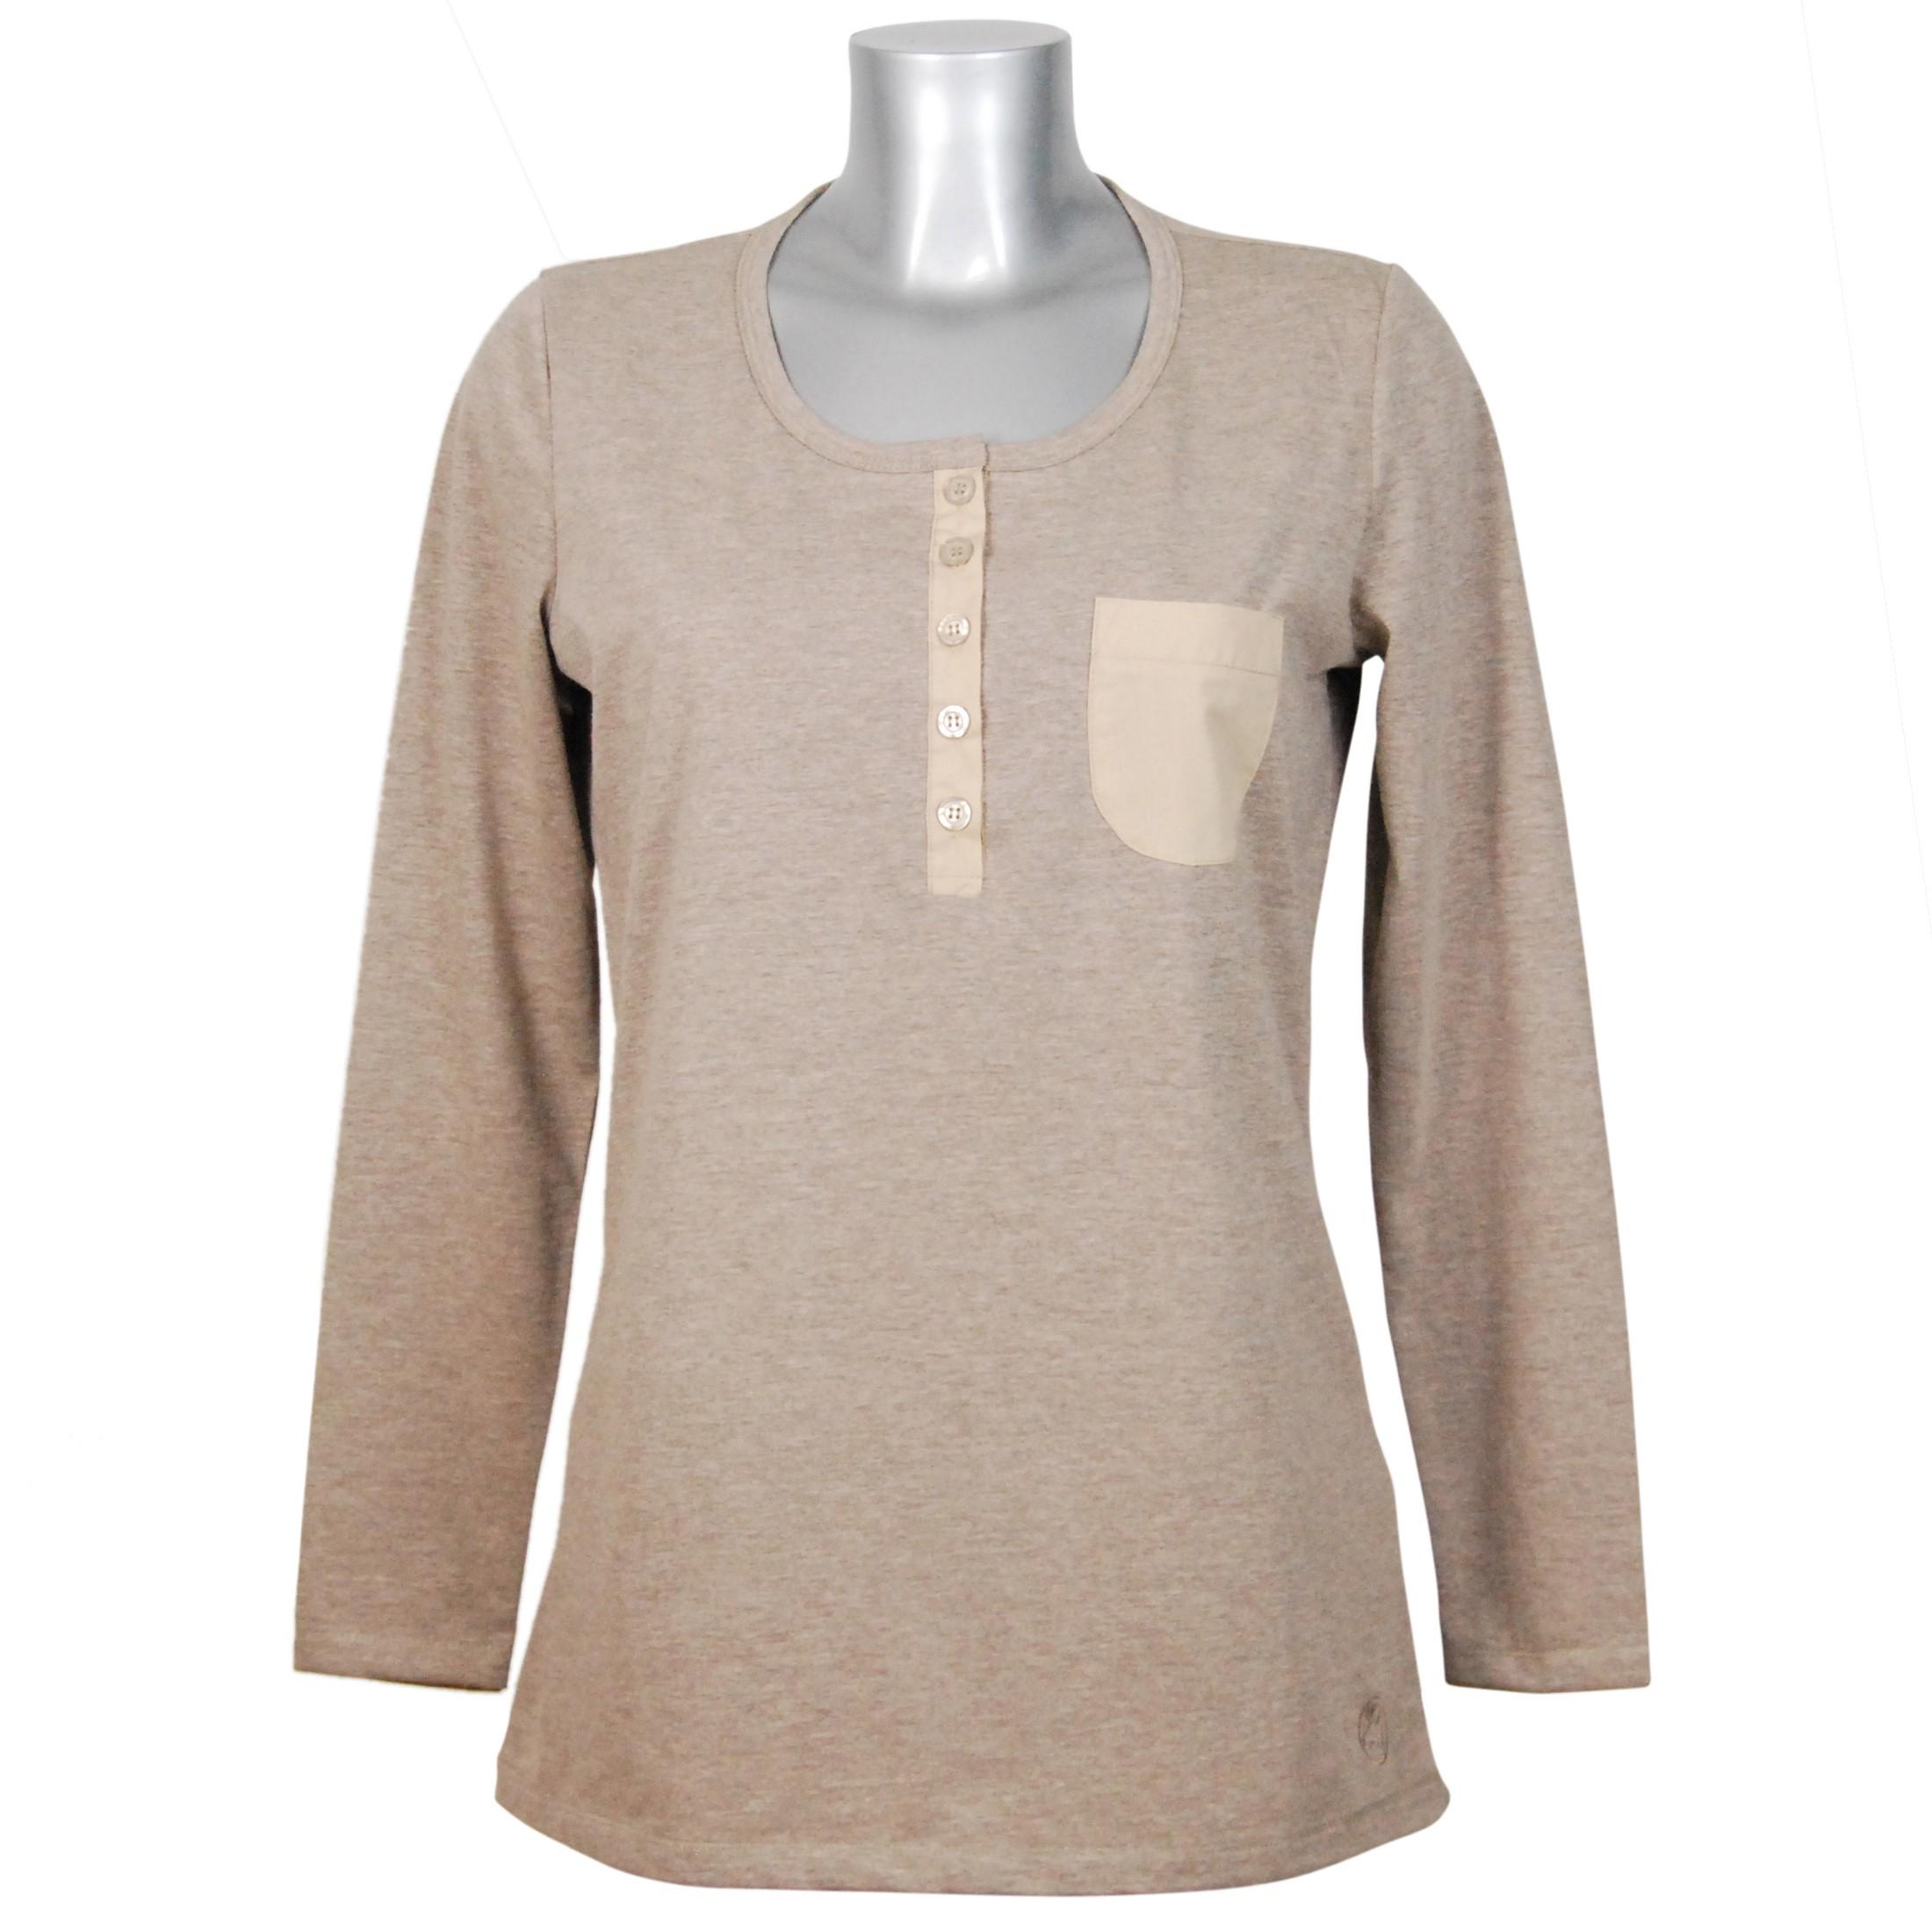 vollständige Palette von Spezifikationen anerkannte Marken neueste auswahl MelanieM Damen Longsleeve Shirt langarm lange Knopfleiste Brusttasche  Baumwolle single Jersey gebürstet